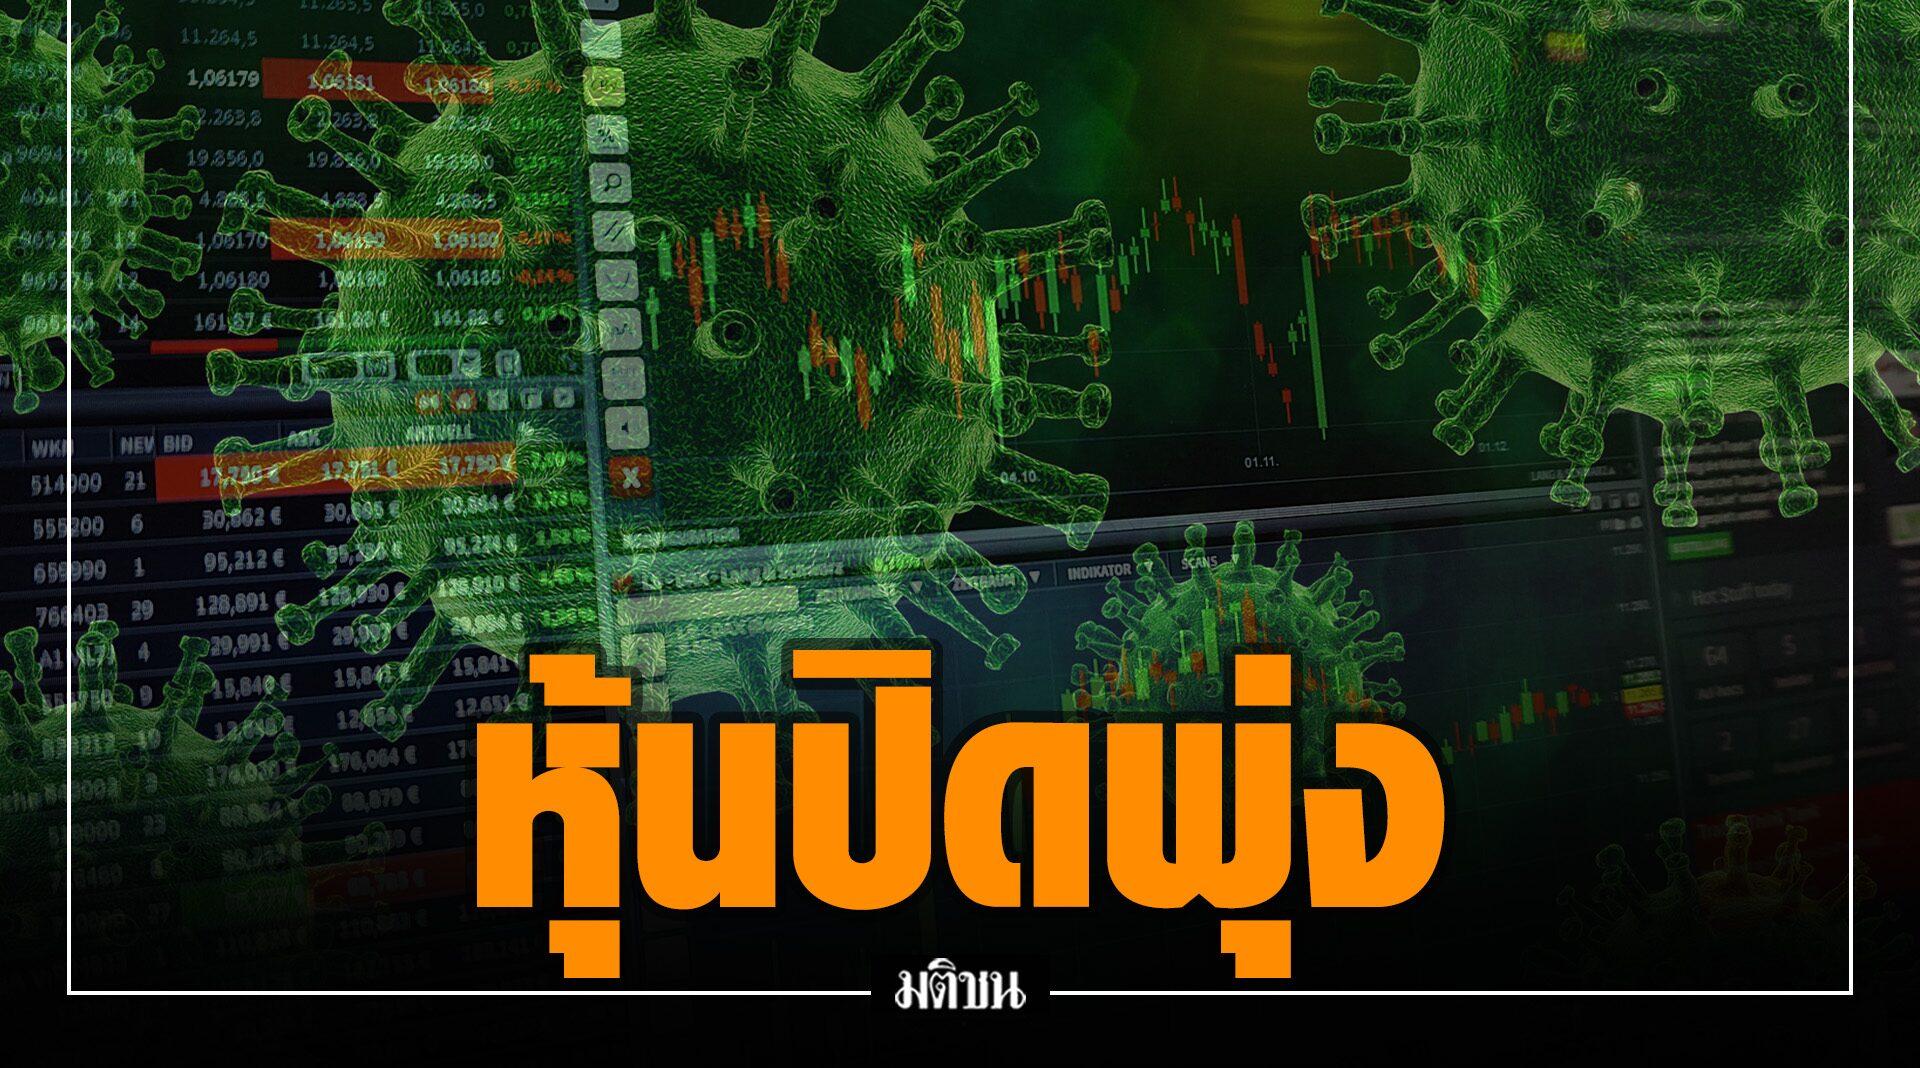 หุ้นปิดพุ่ง บวก 34.79 จุด 'เดลต้า' นำดีดนำตลาด บวกวันเดียวกว่า 148 บาท